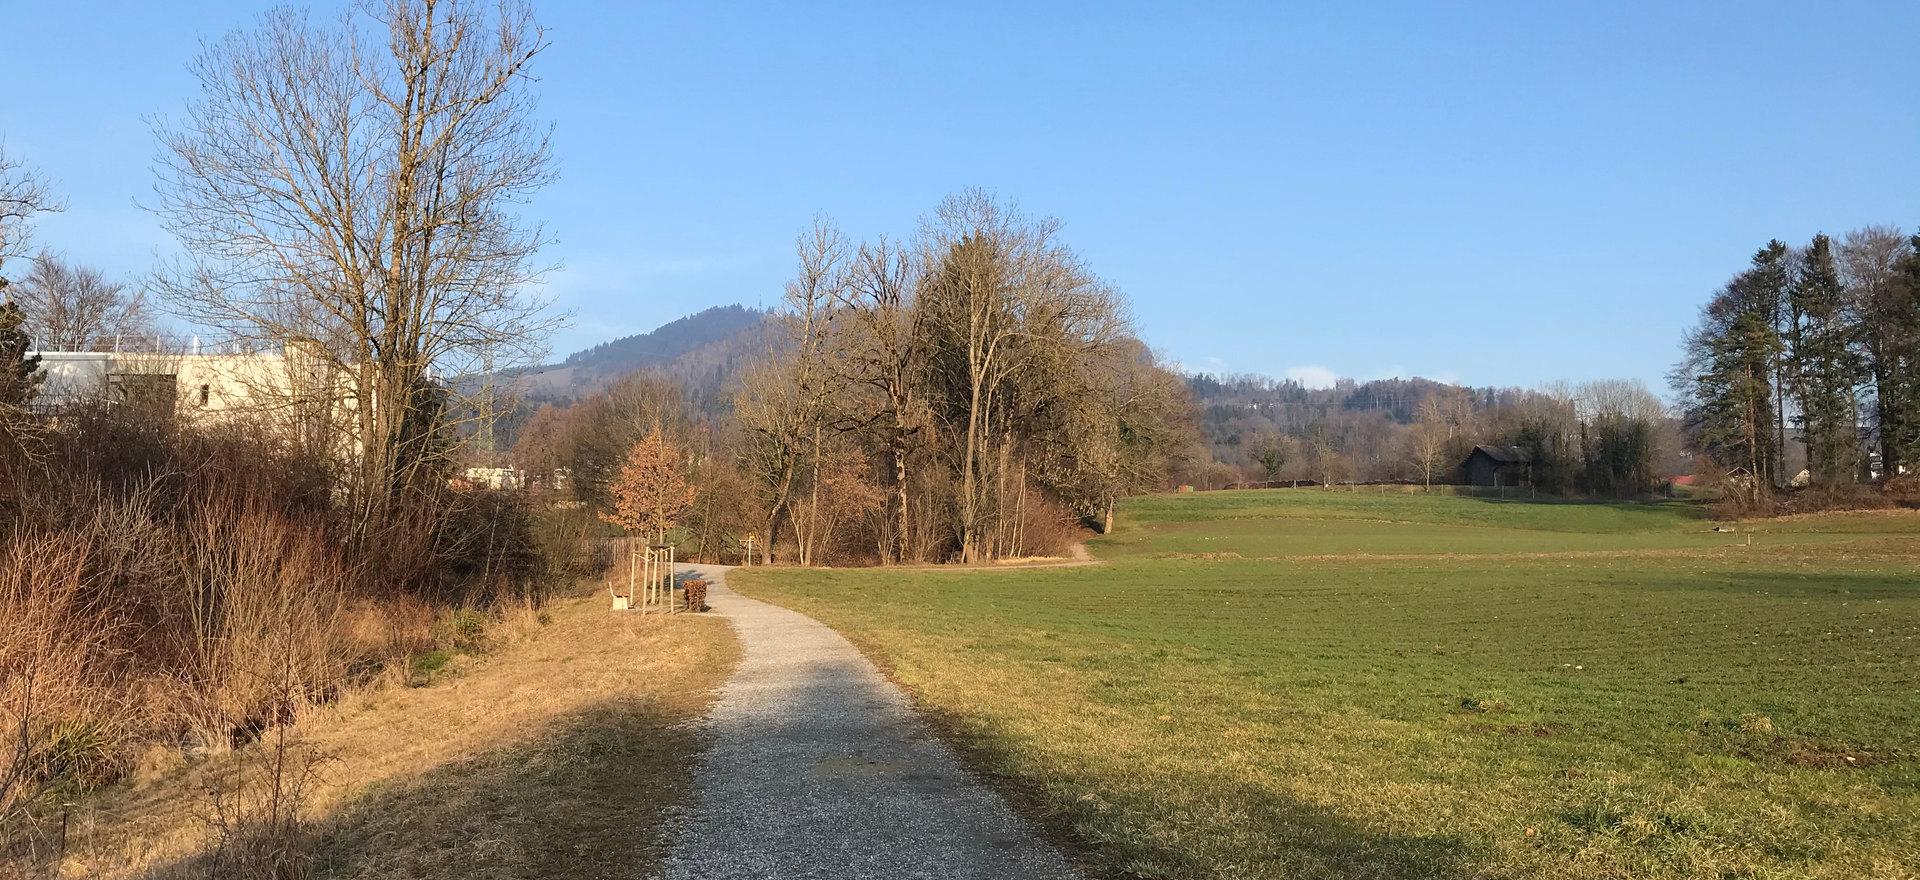 Spaziergänge im Grünen